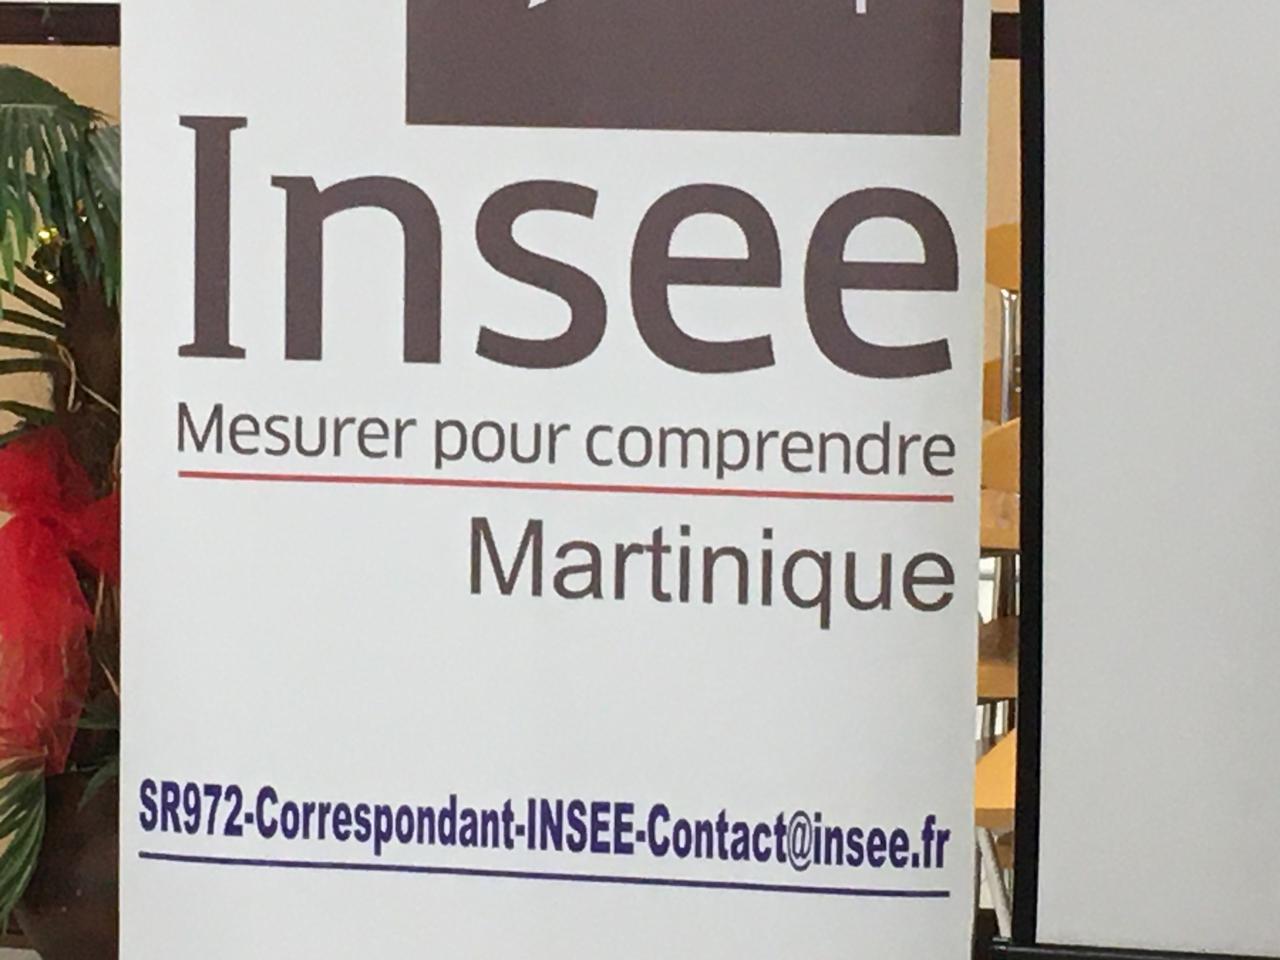 Covid-19 : impact limité de la crise économique en Martinique en 2020